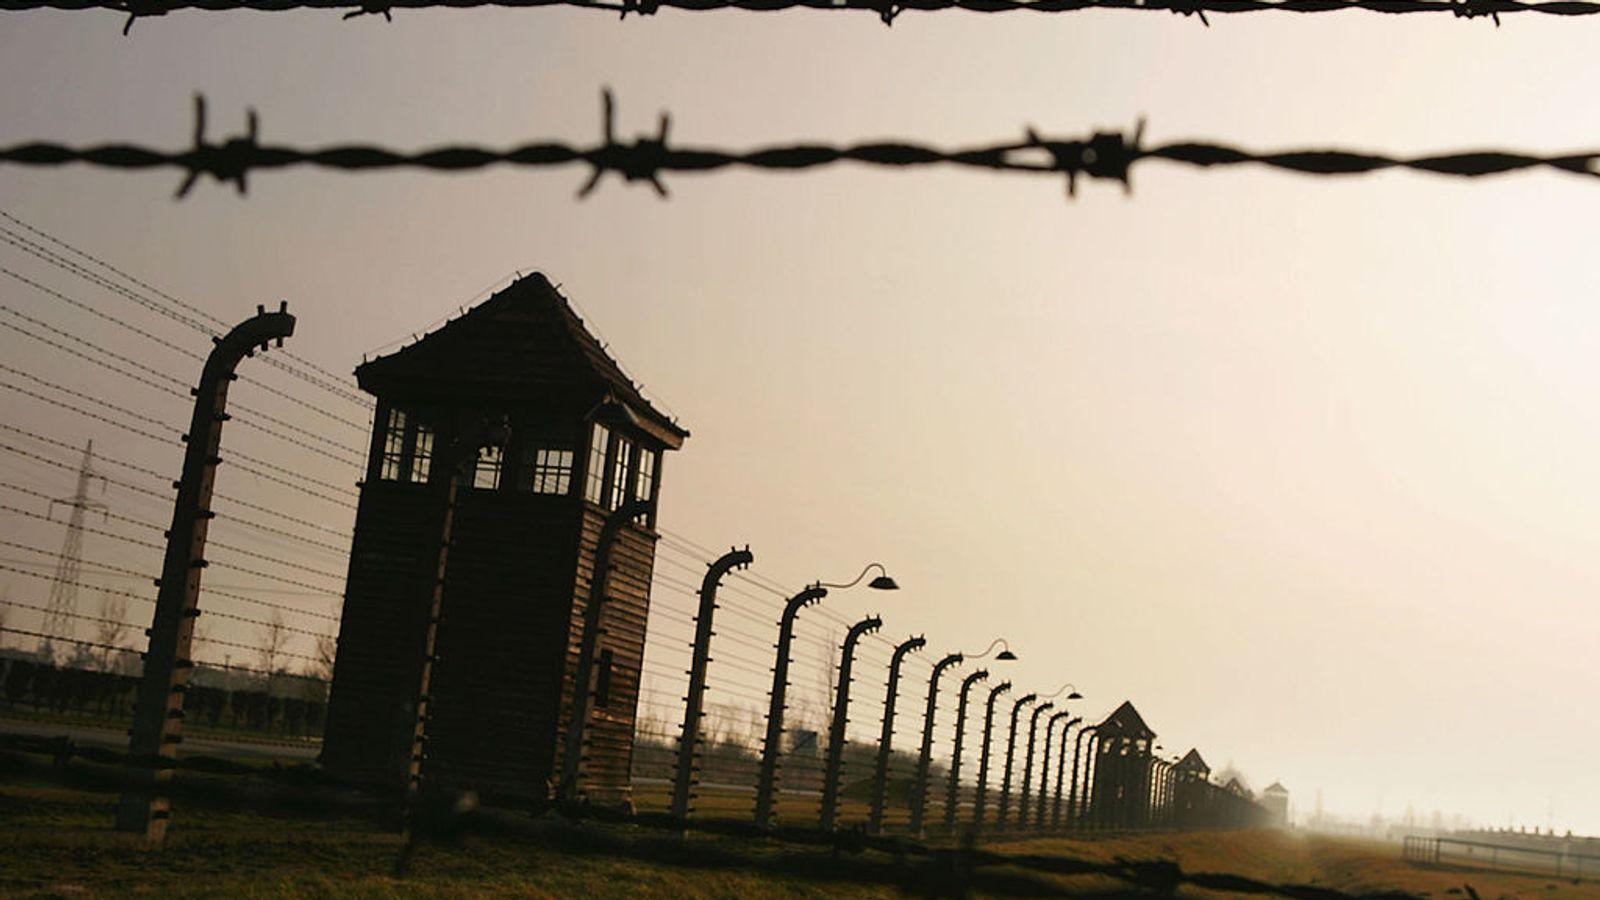 Auschwitz: David Dushman - Last surviving Soviet soldier who helped liberate Nazi death camp dies aged 98